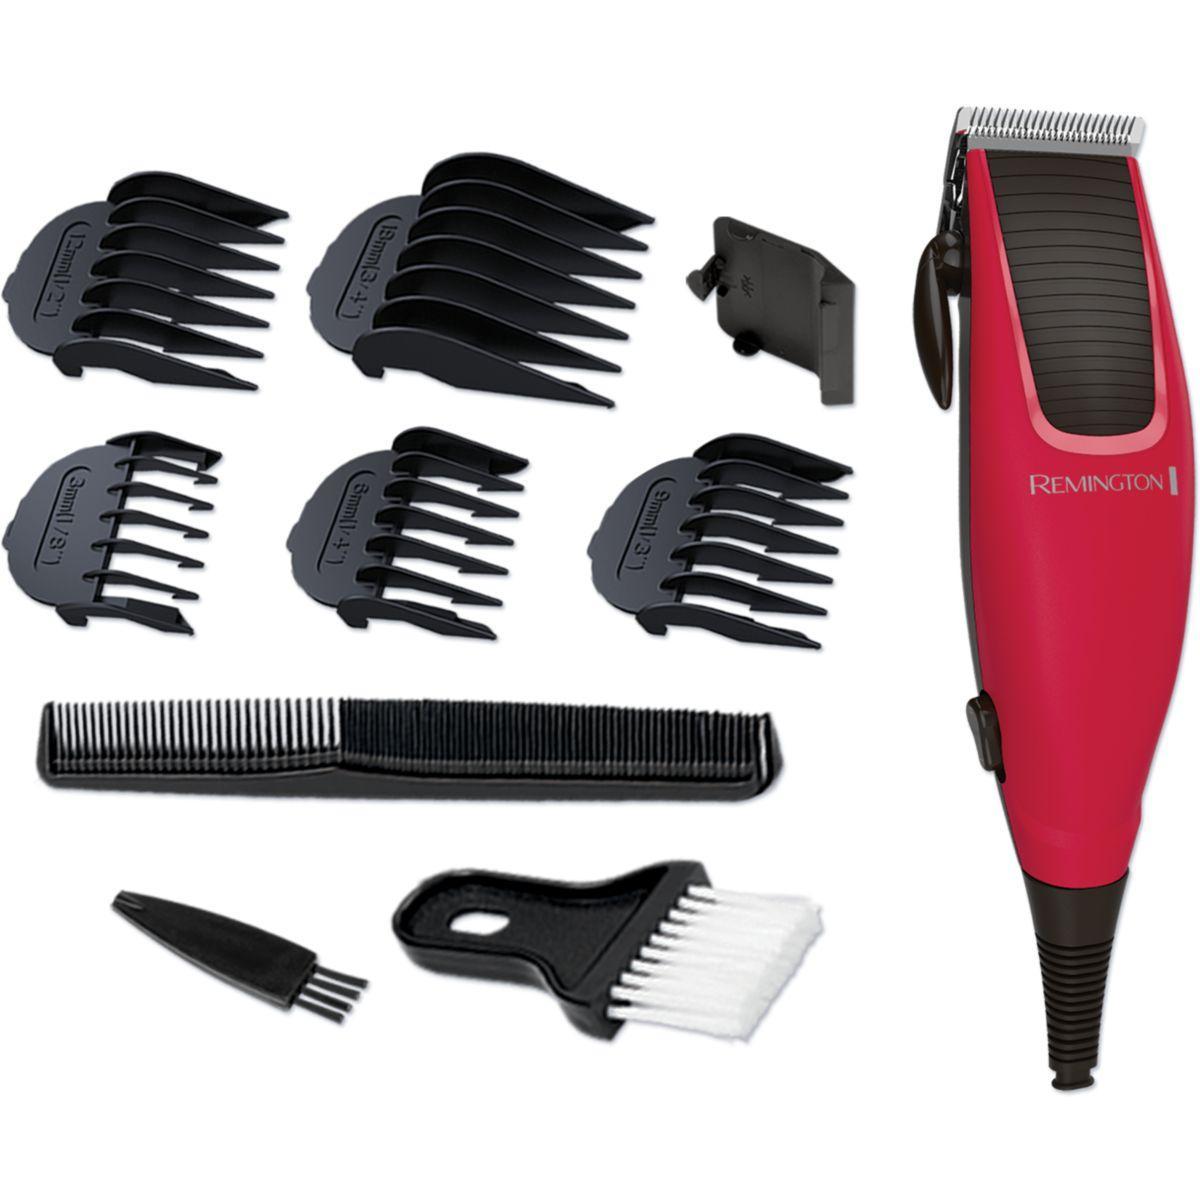 Tondeuse cheveux remington hc5018 - 10% de remise imm�diate avec le code : deal10 (photo)